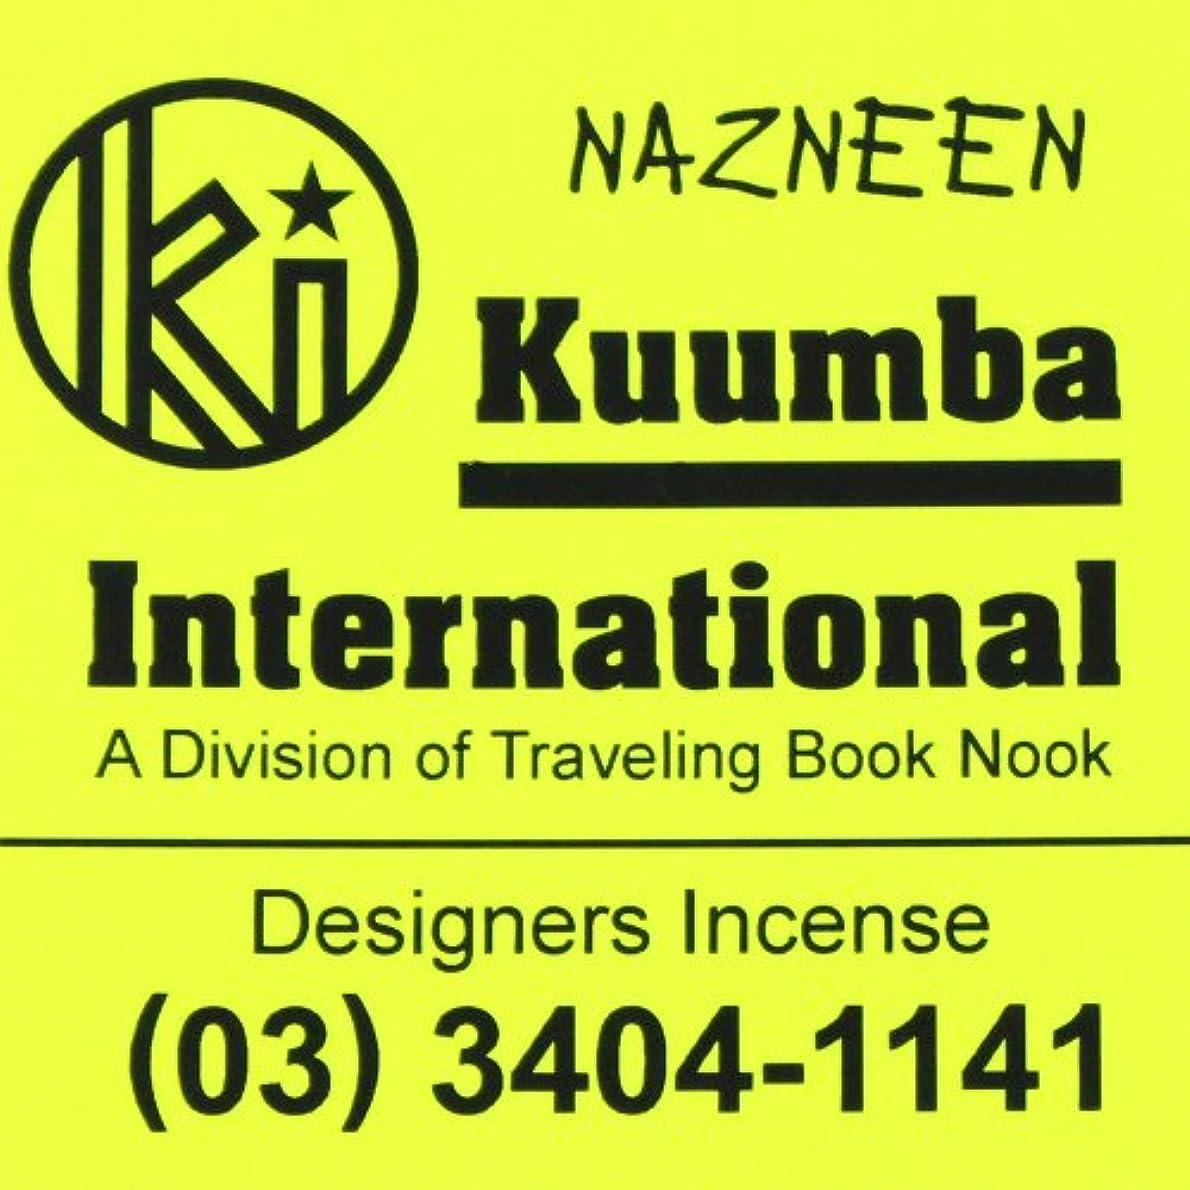 広いトラクター(クンバ) KUUMBA『classic regular incense』(NAZNEEN) (Regular size)